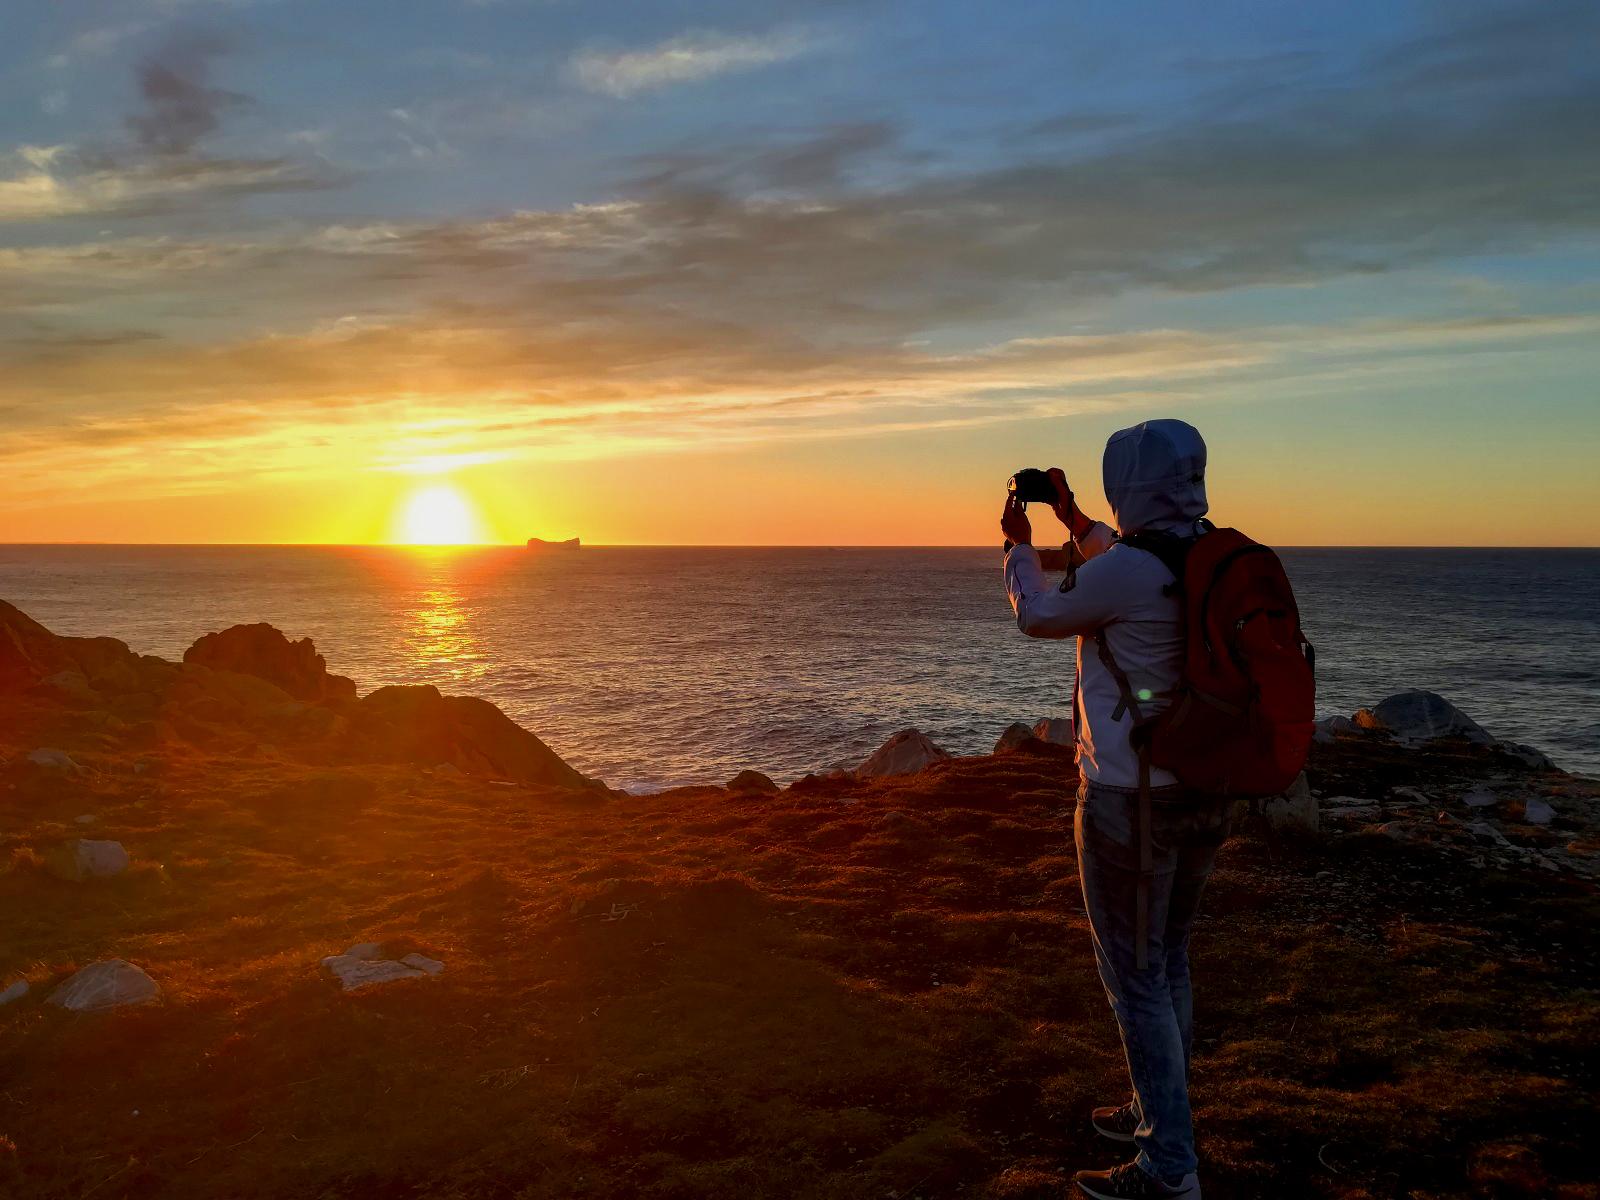 Sonnenuntergang und Eisberg in Neufundland